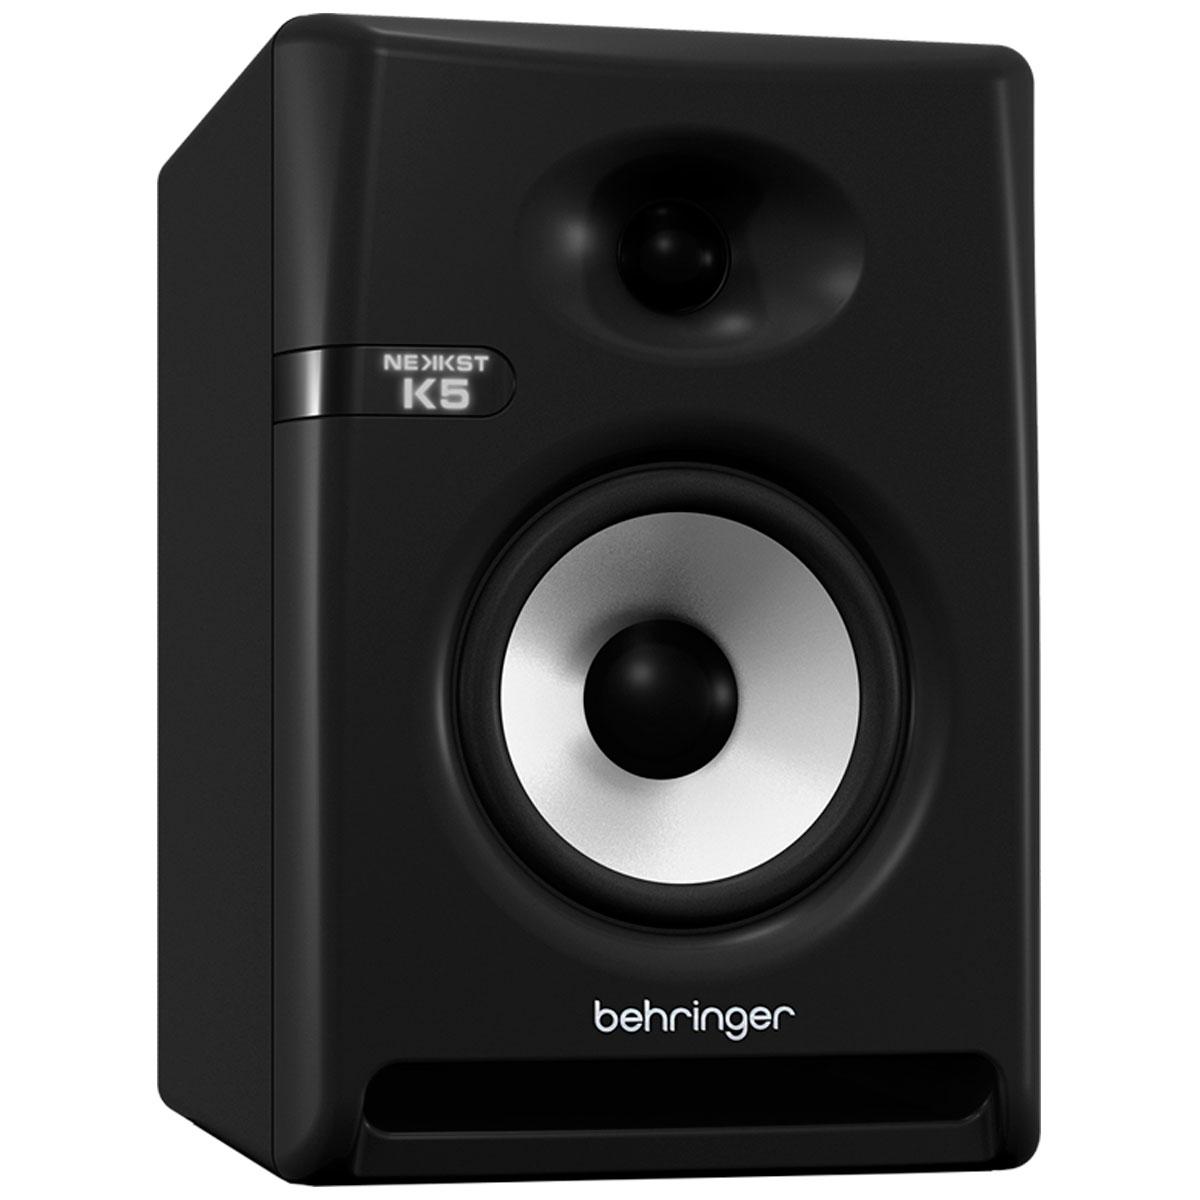 K5 - Monitor de Referência 150W NEKKST K5 - Behringer